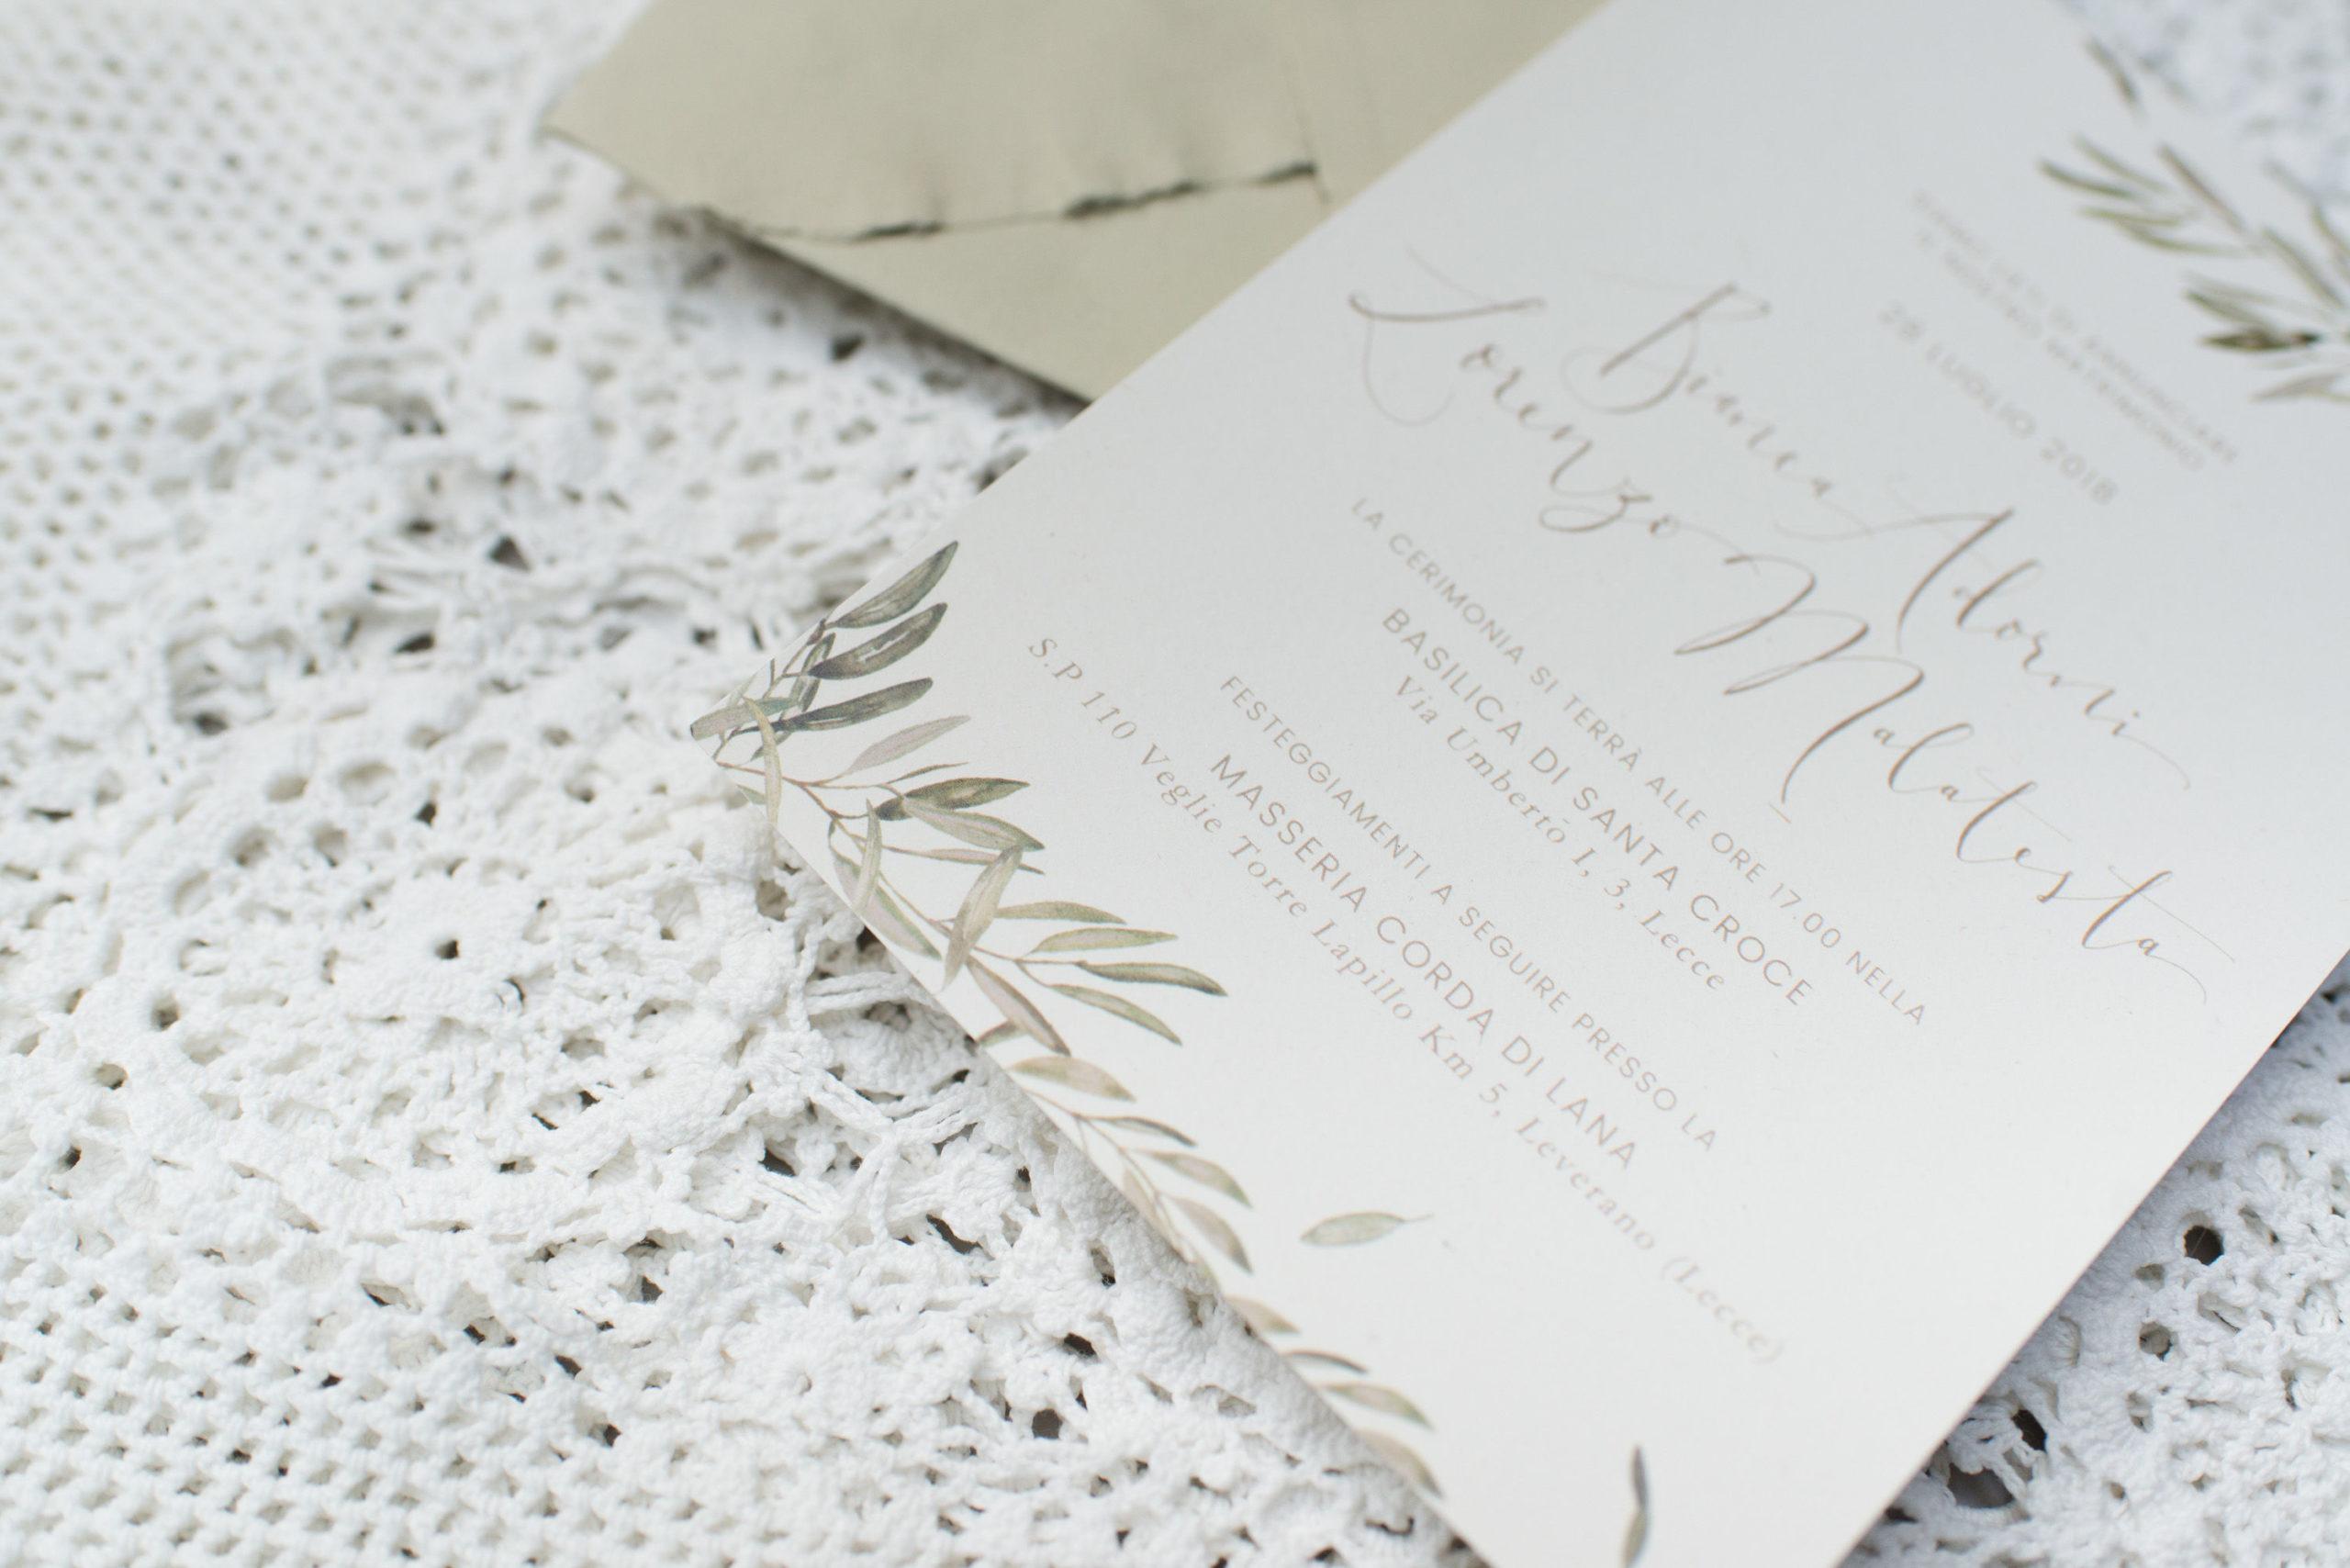 Partecipazioni Matrimonio On Line Low Cost.Inviti Matrimonio Ulivo Partecipazioni Inviti Studio Alispi